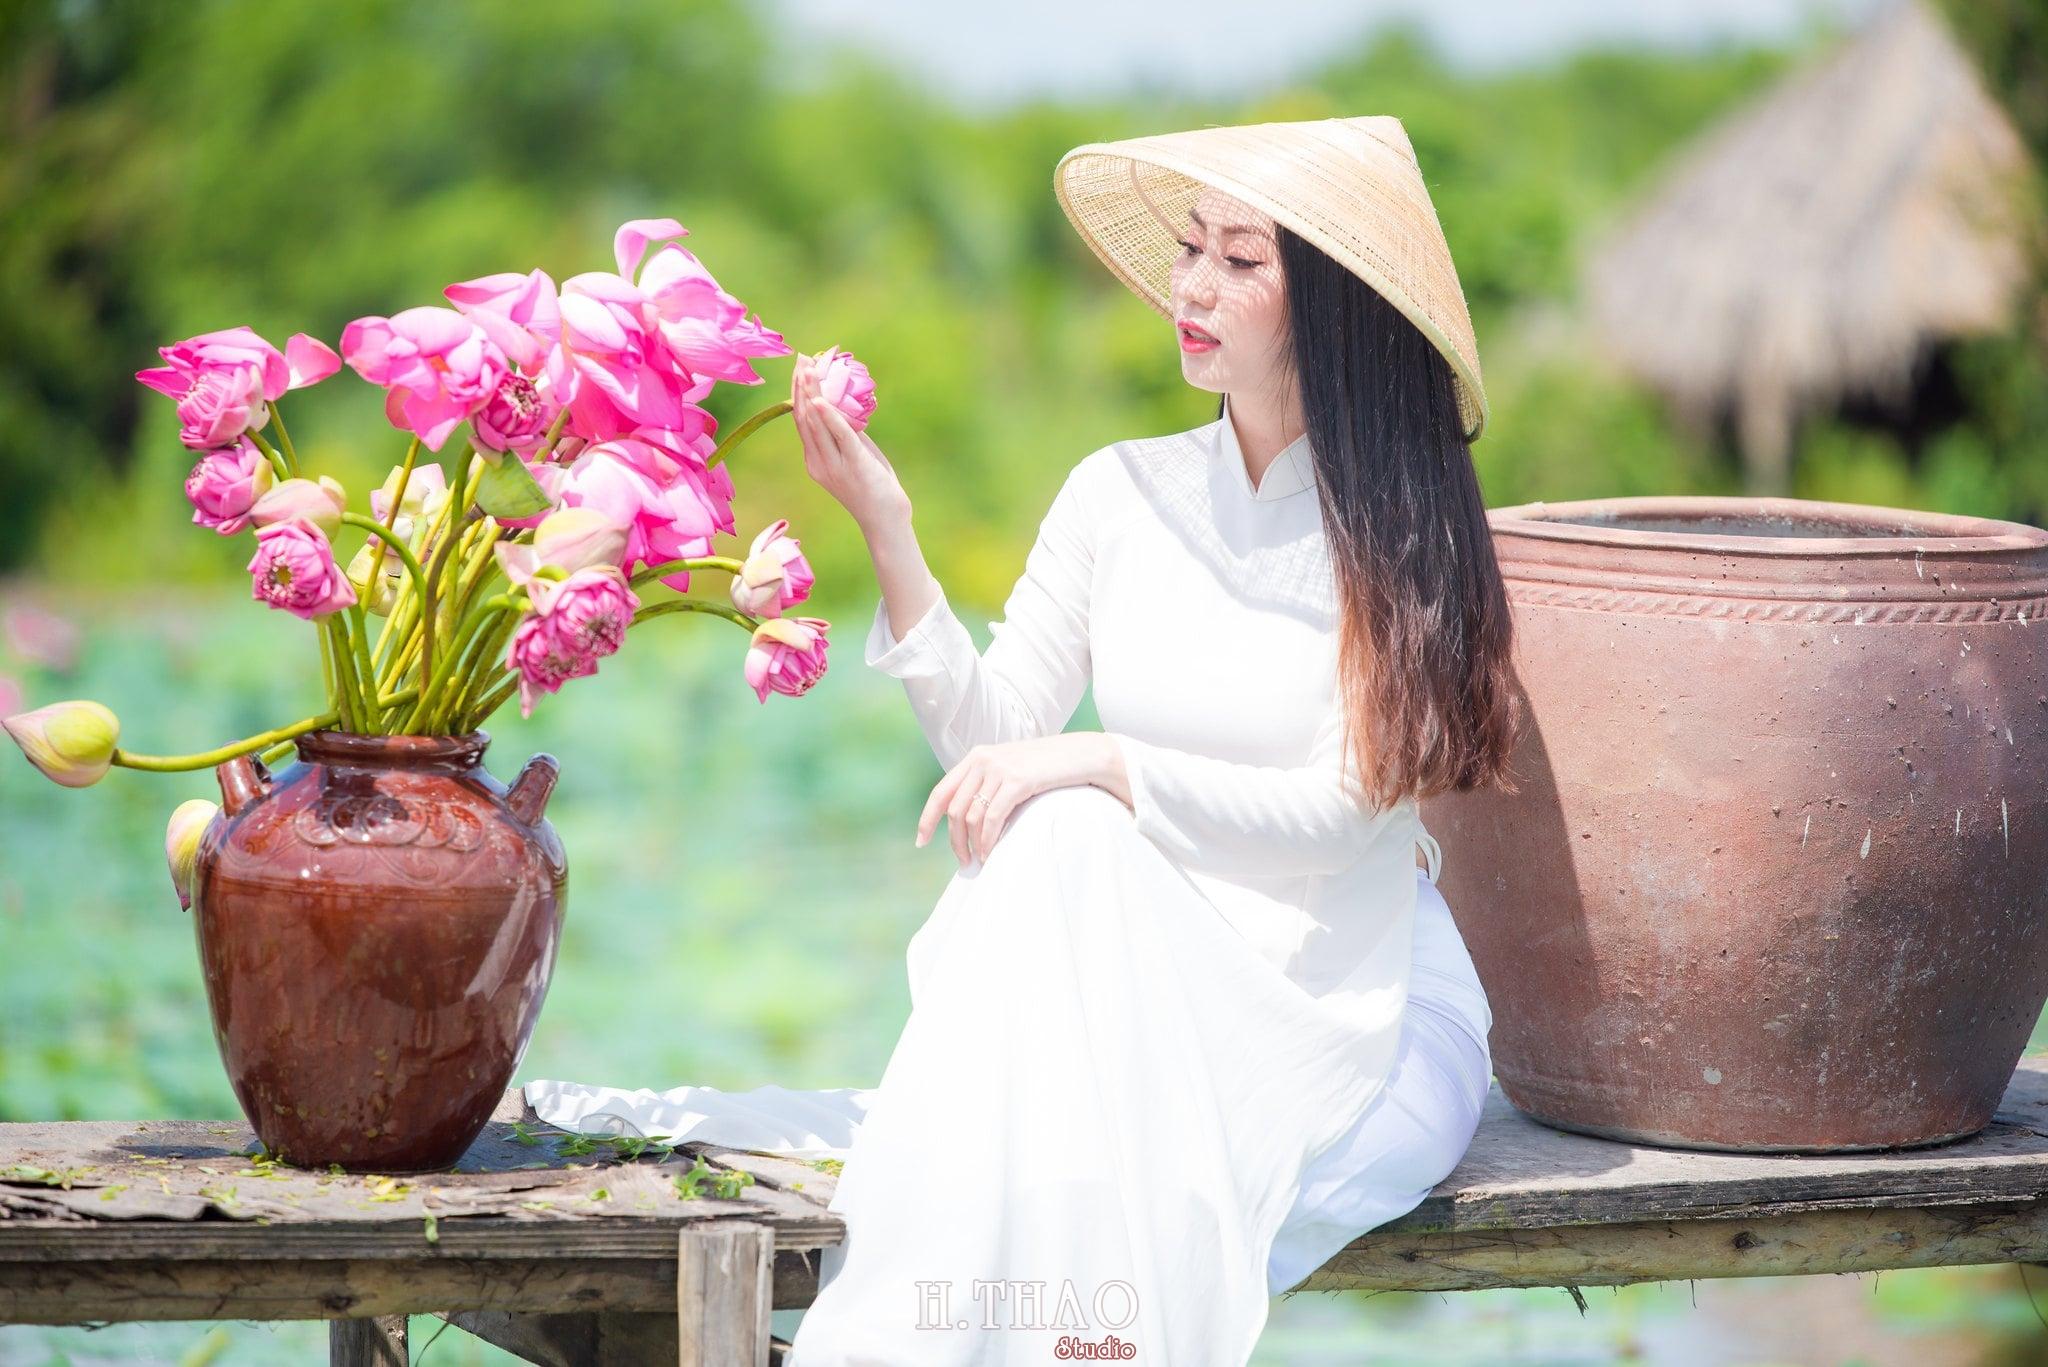 Chup hinh hoa sen 1 - Góc ảnh thiếu nữ bên hoa sen tam đa quận 9 tuyệt đẹp - HThao Studio